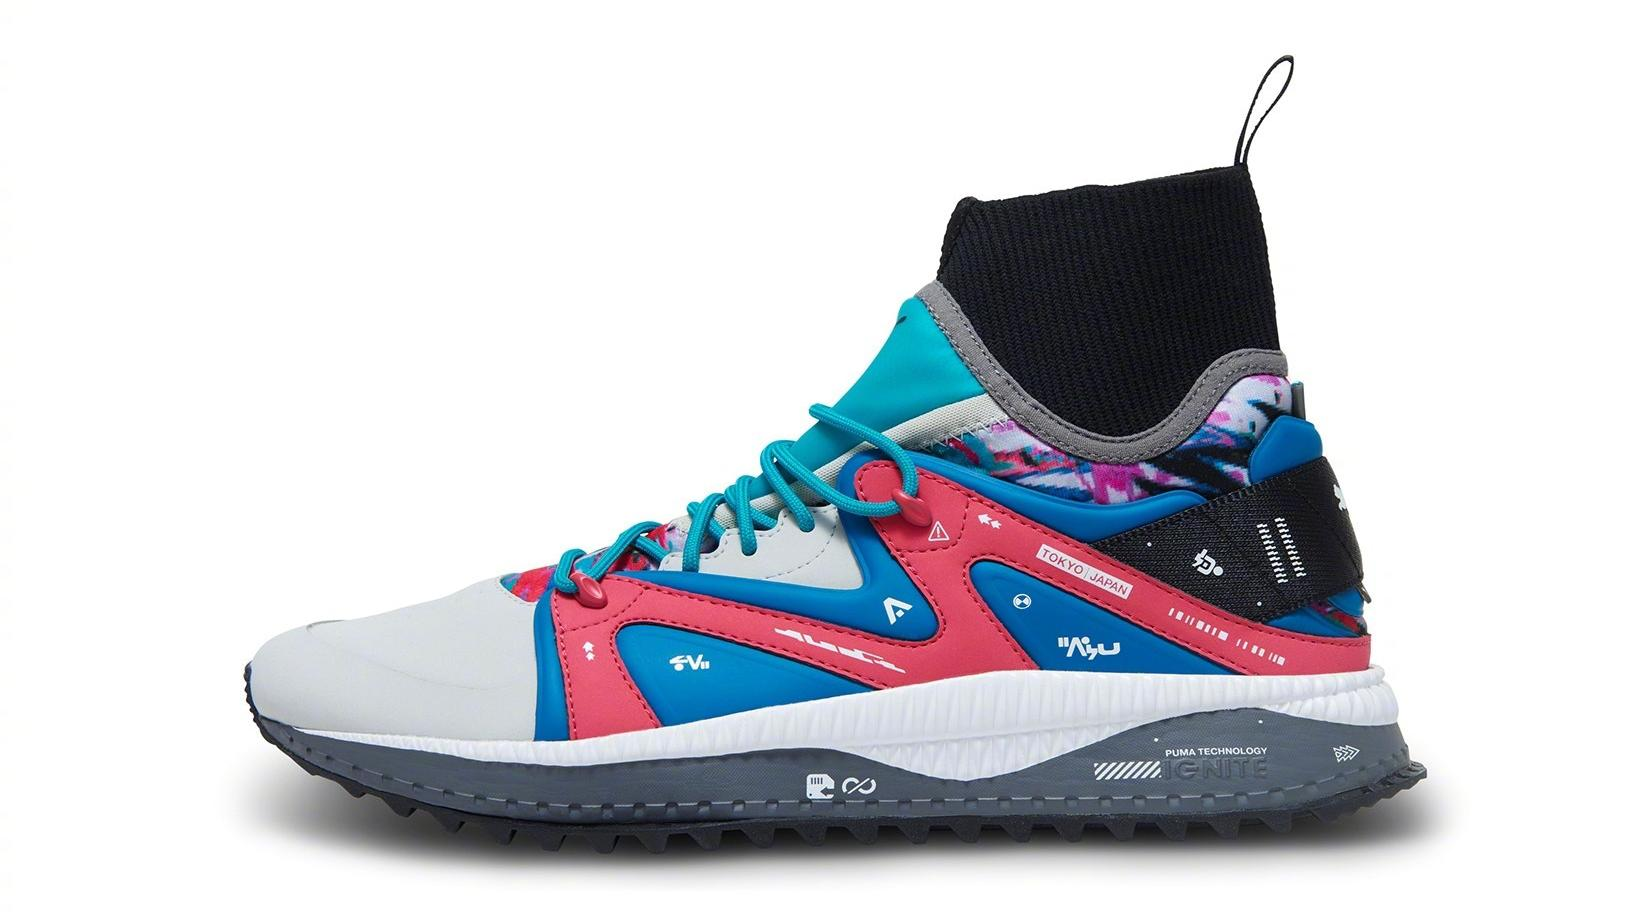 彪馬推出全新聯名鞋款,下月發售!